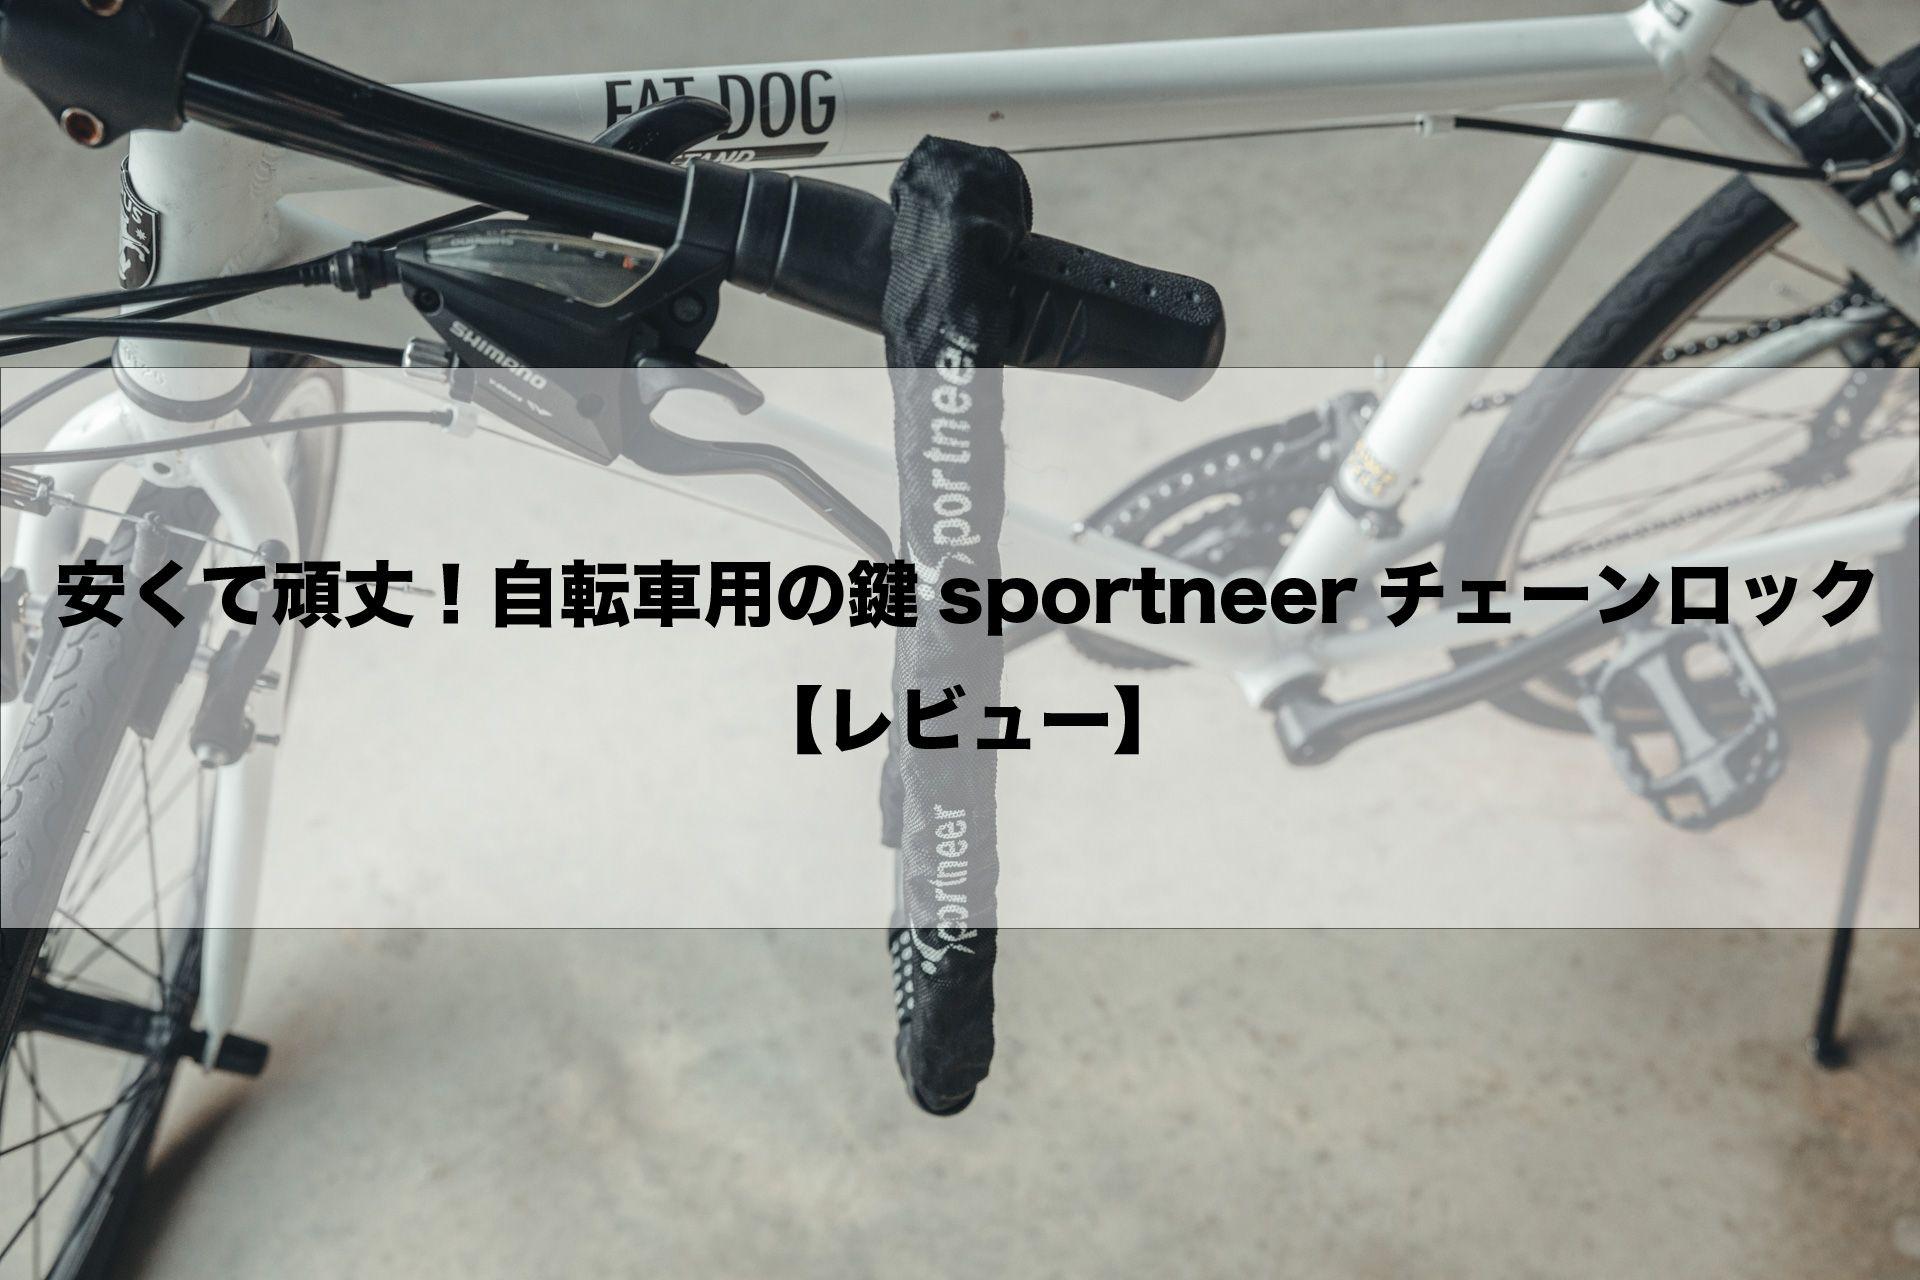 安くて頑丈 自転車用の鍵sportneerチェーンロックをレビュー Tabicam 2020 自転車 頑丈 鍵